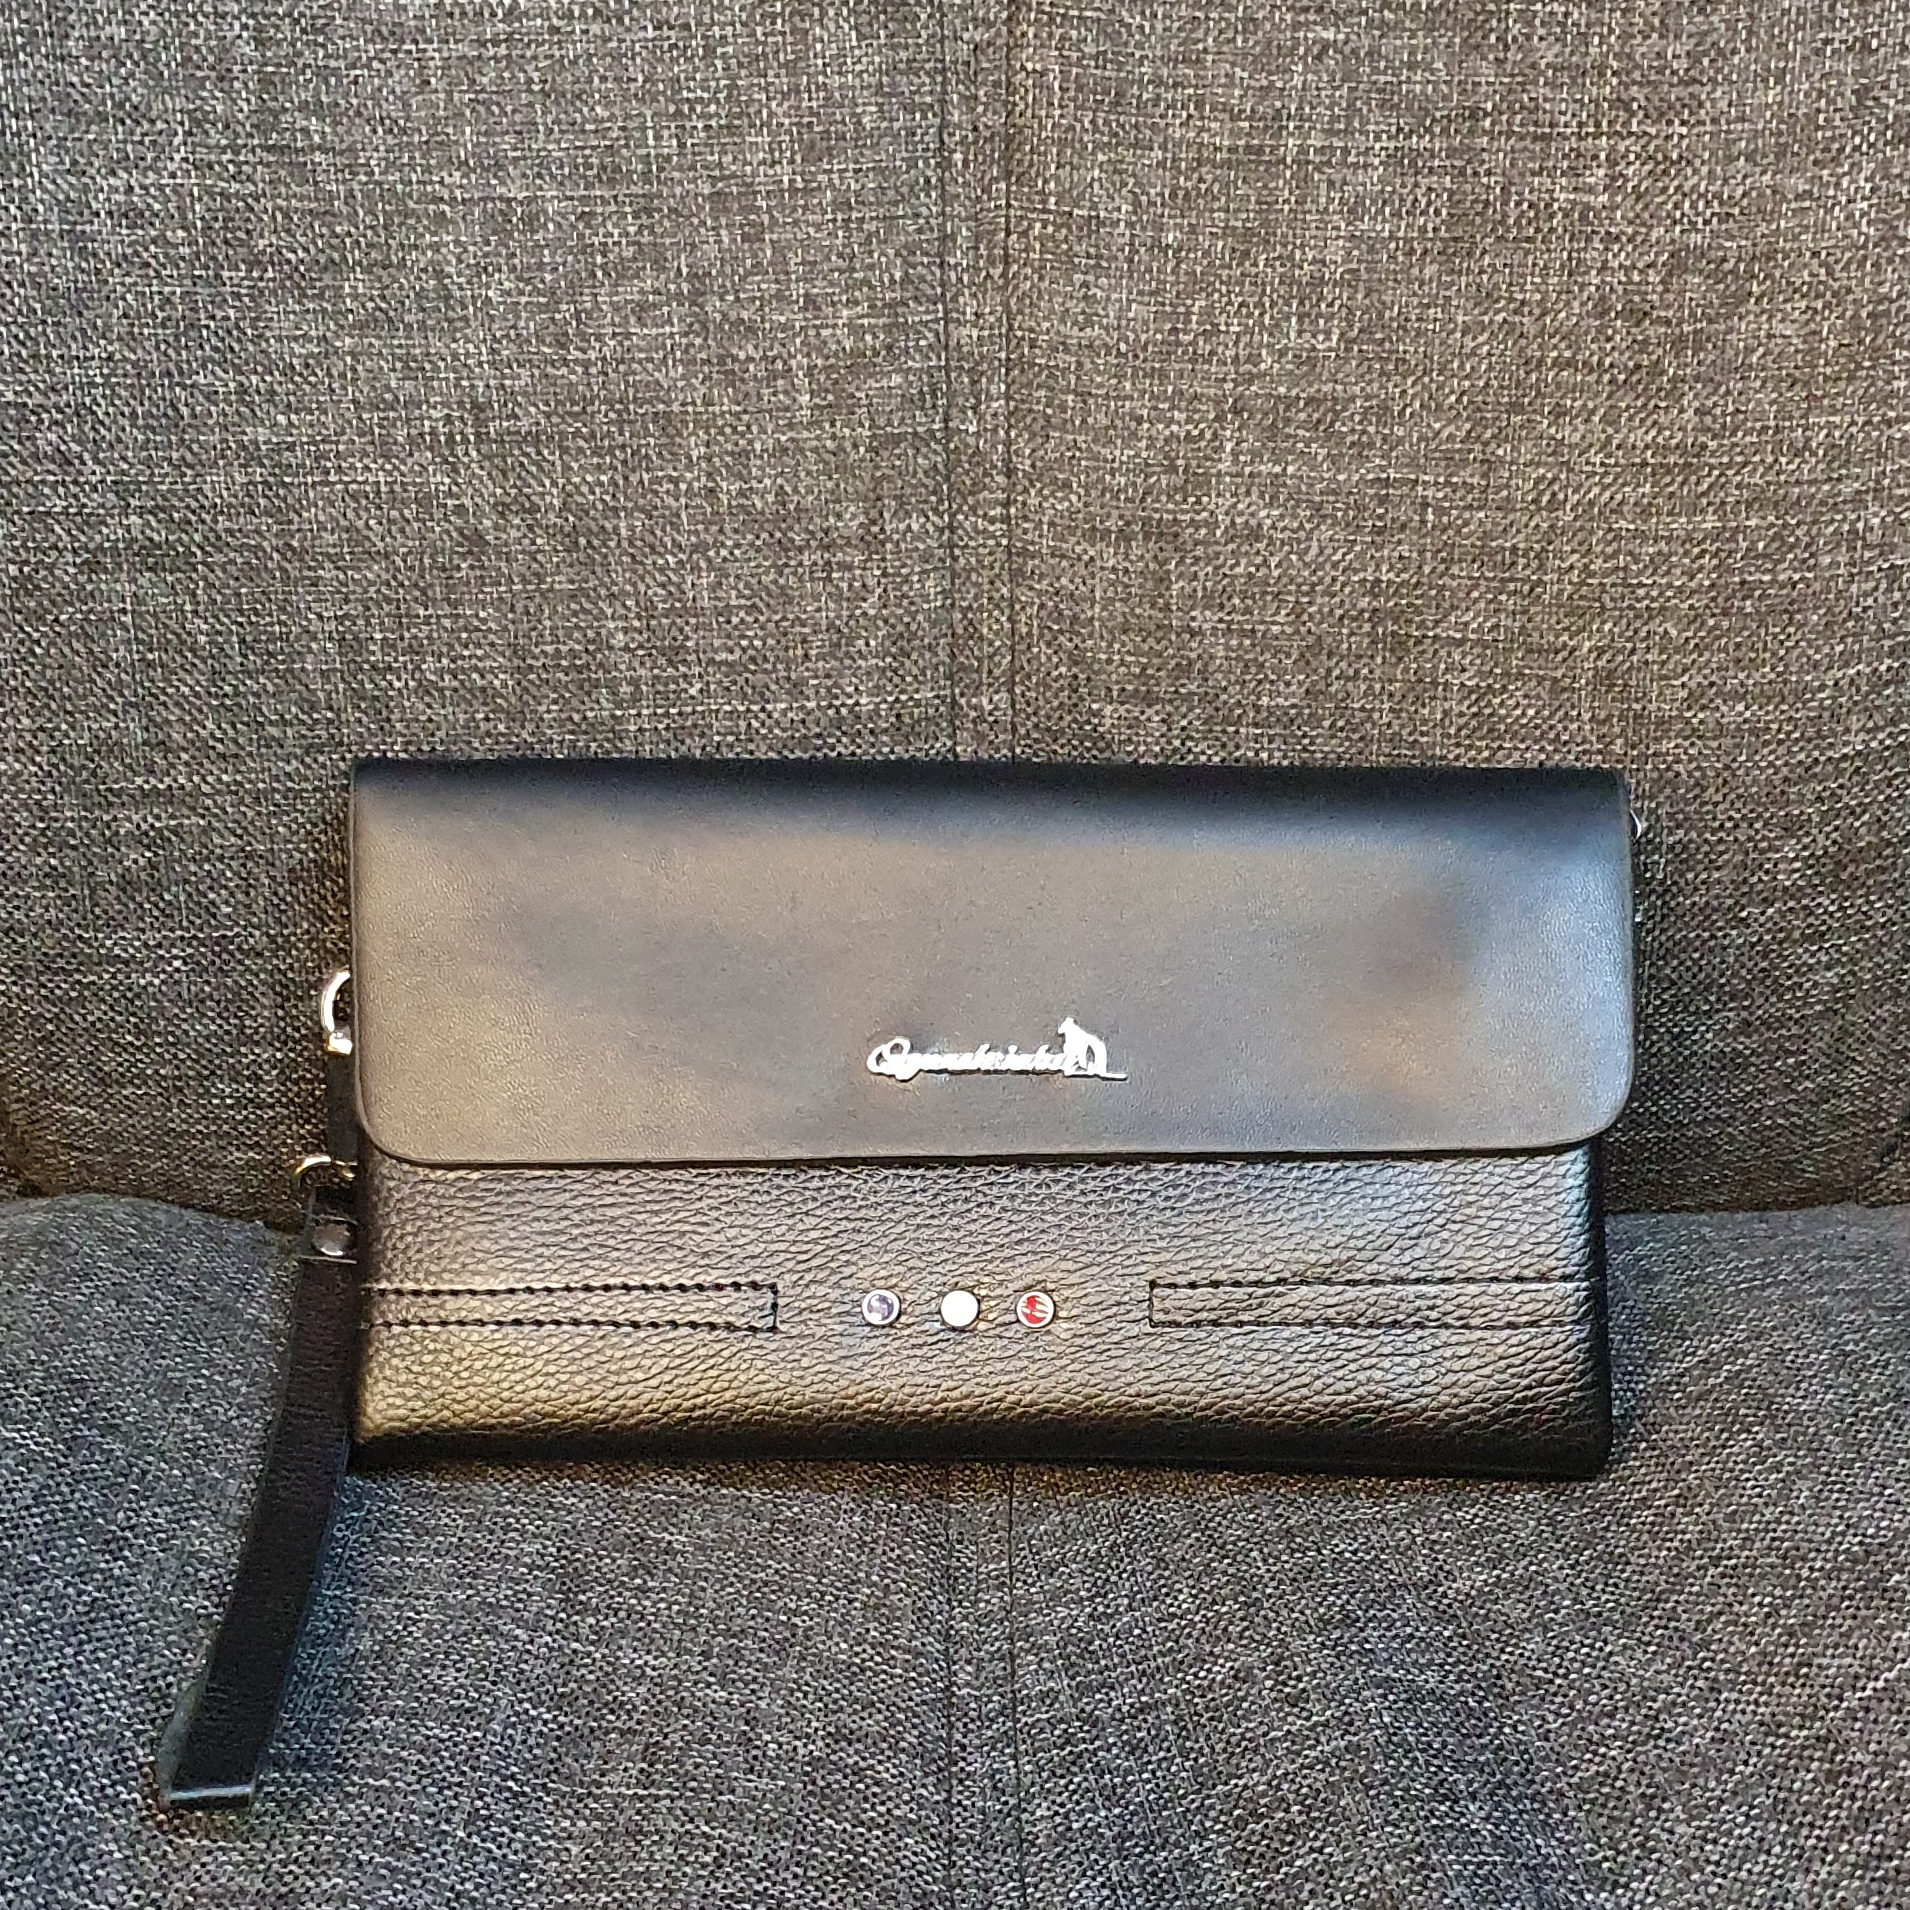 Отличный мужской клатч «Q.G.W. Daishu» в классическом стиле из чёрной экокожи купить. Цена 499 грн